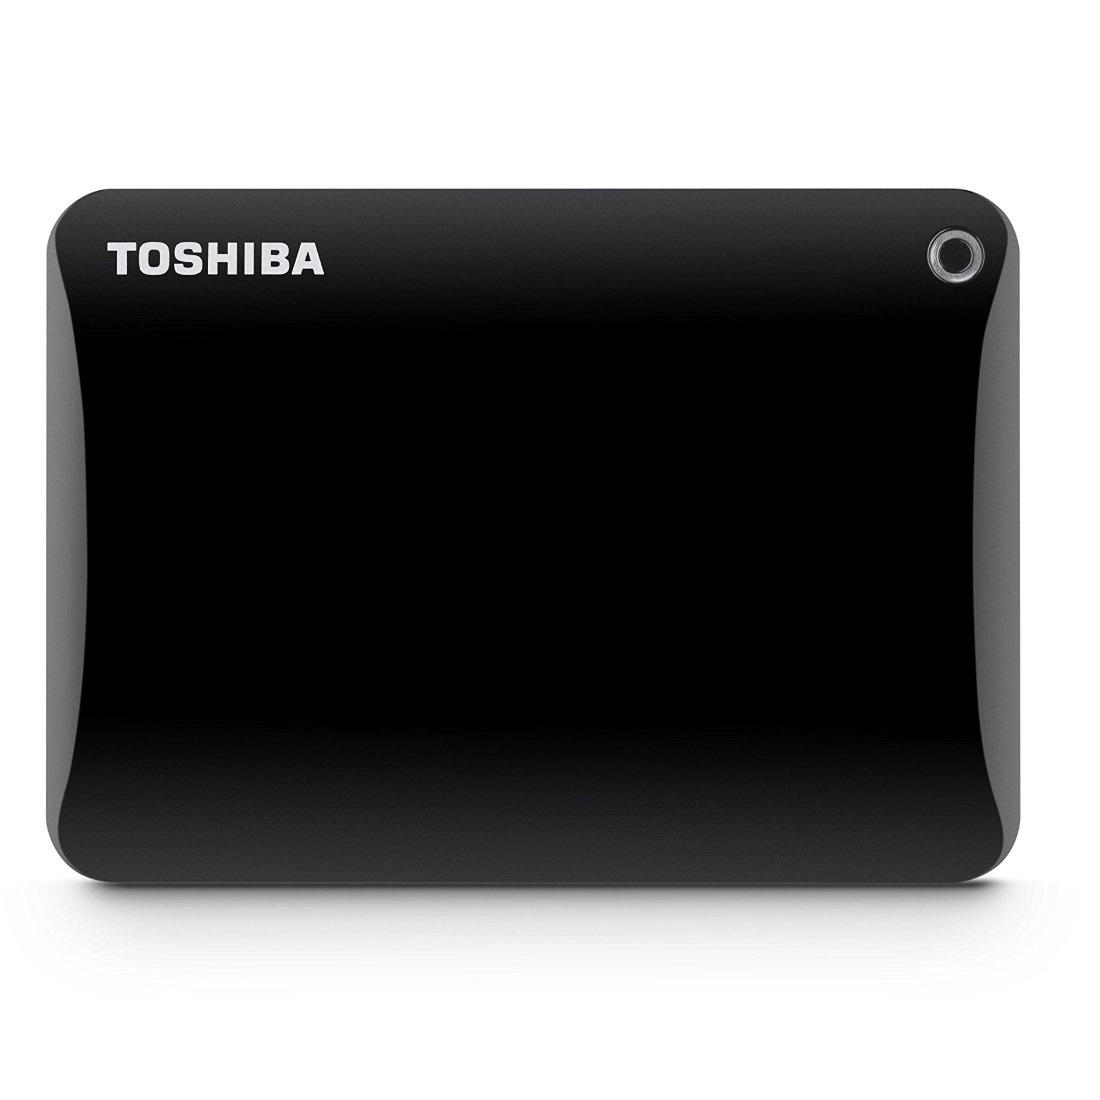 Ổ cứng di động Toshiba Canvio connect II 500Gb USB3.0 Đen